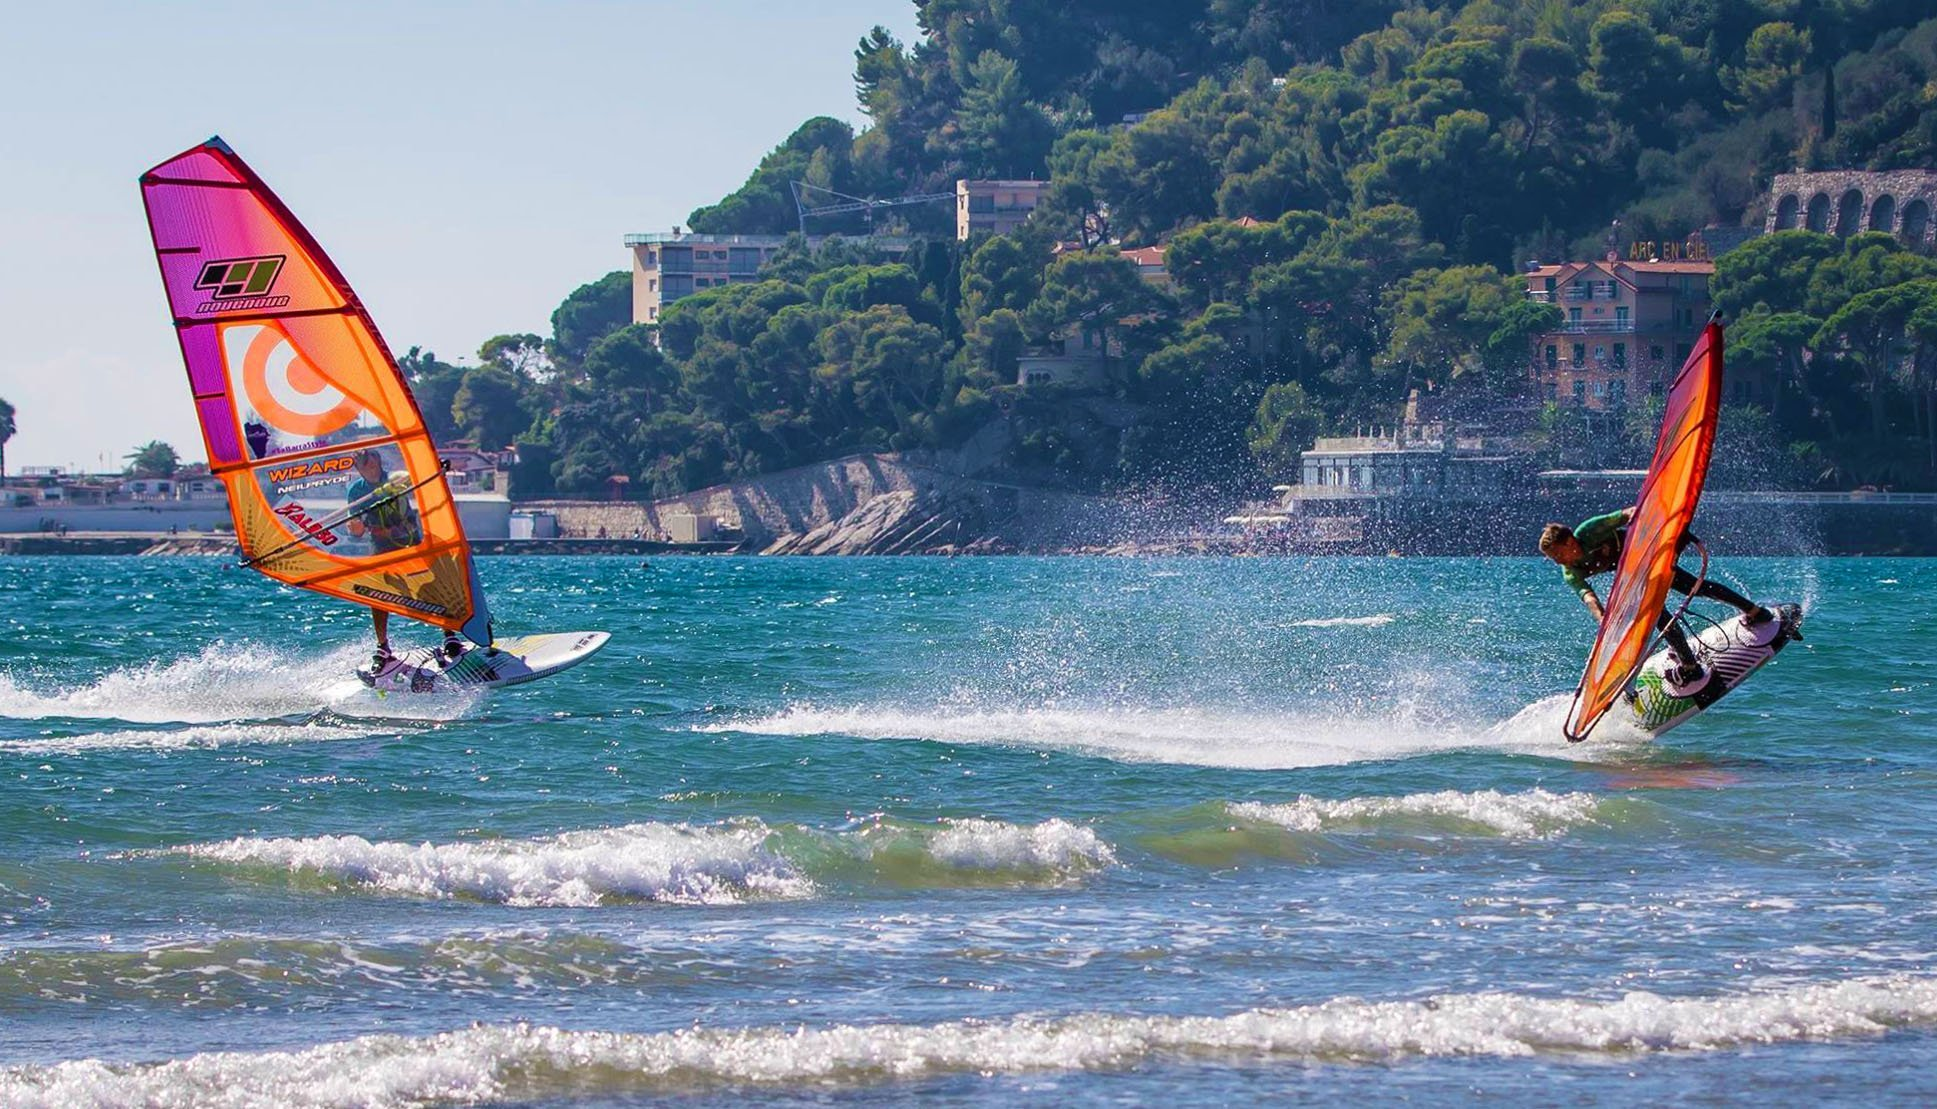 Il Wind Festival di Diano Marina si farà, è in programma dall'1 al 4 ottobre ed è l'unica manifestazione di questo genere che si svolgerà in Italia. Molte sono le…